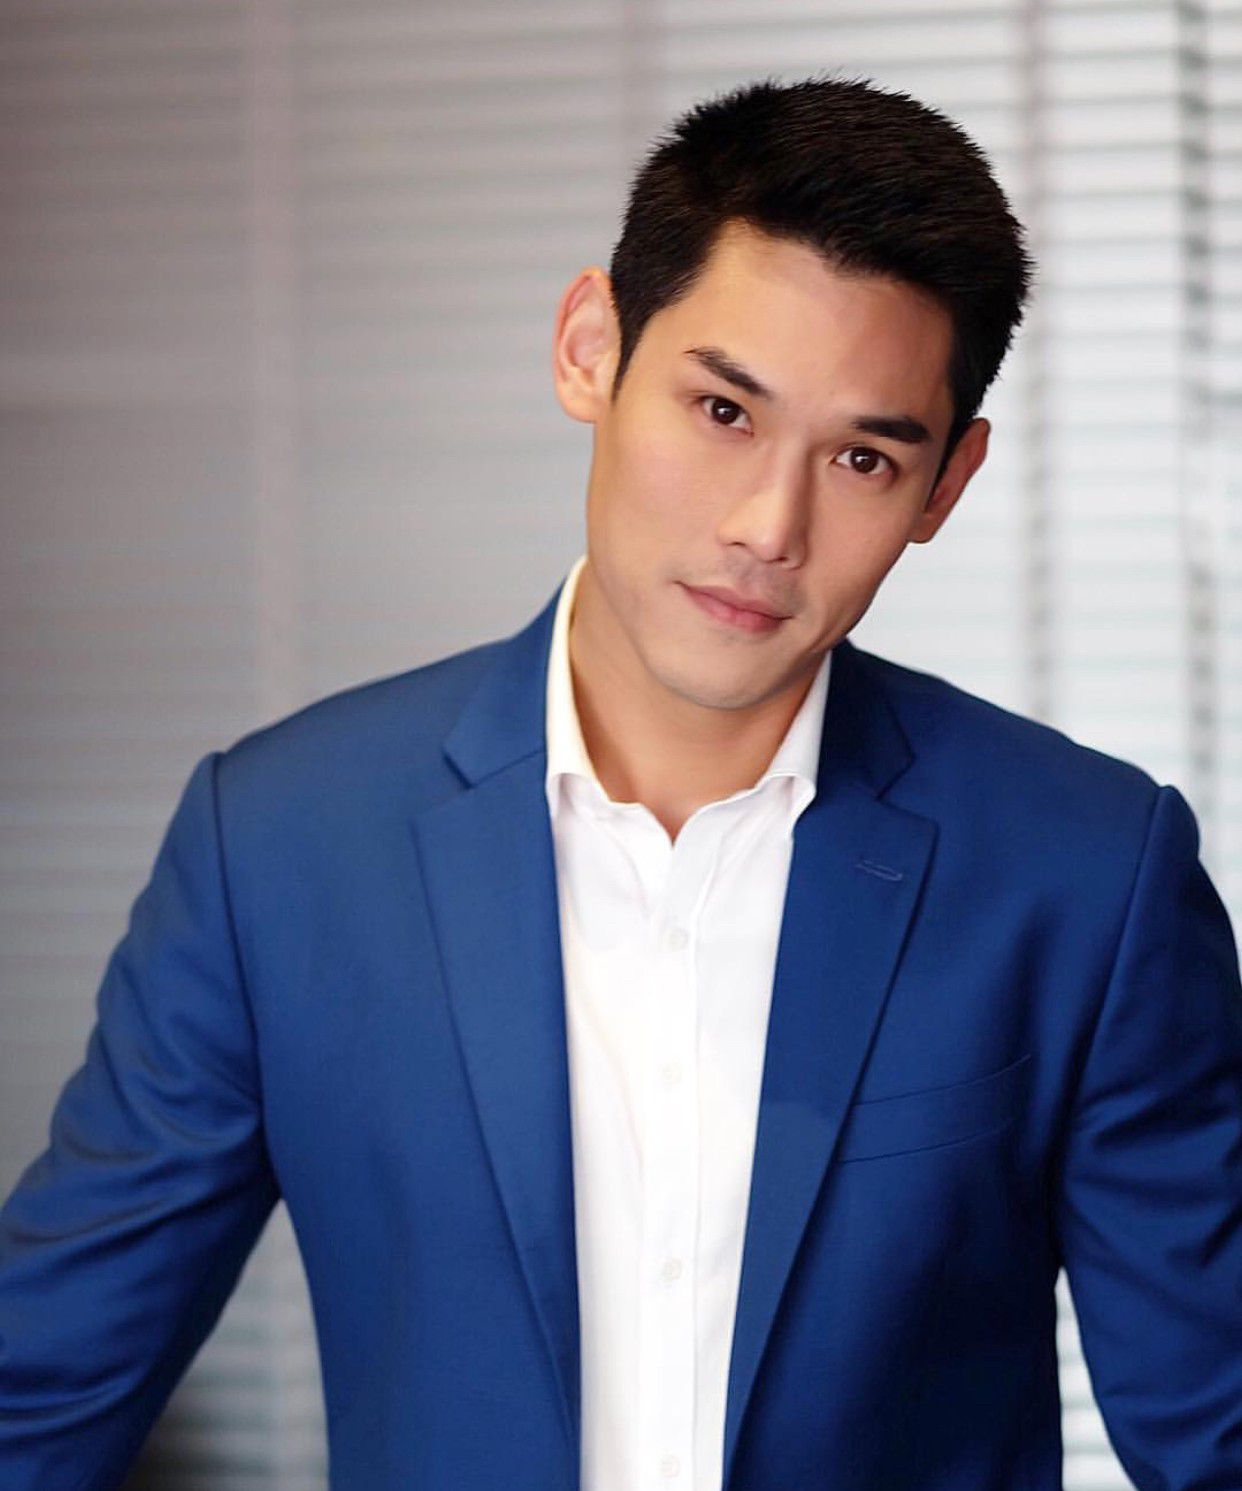 Top sao nam đình đám Thái Lan phẫu thuật thẩm mĩ thành công (10)